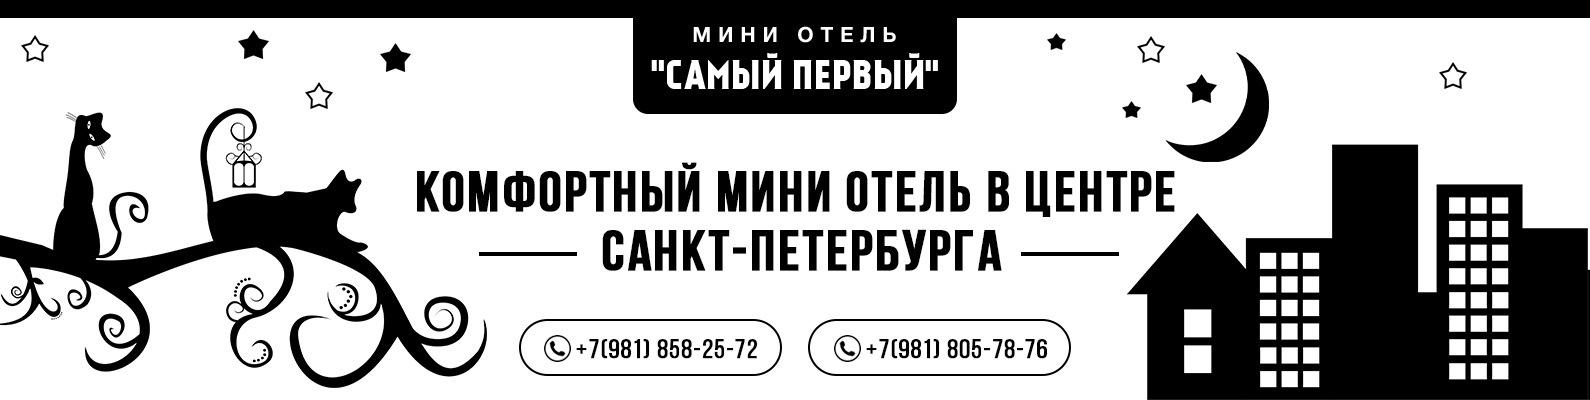 г.санкт-петербург мини-отель шелфорт